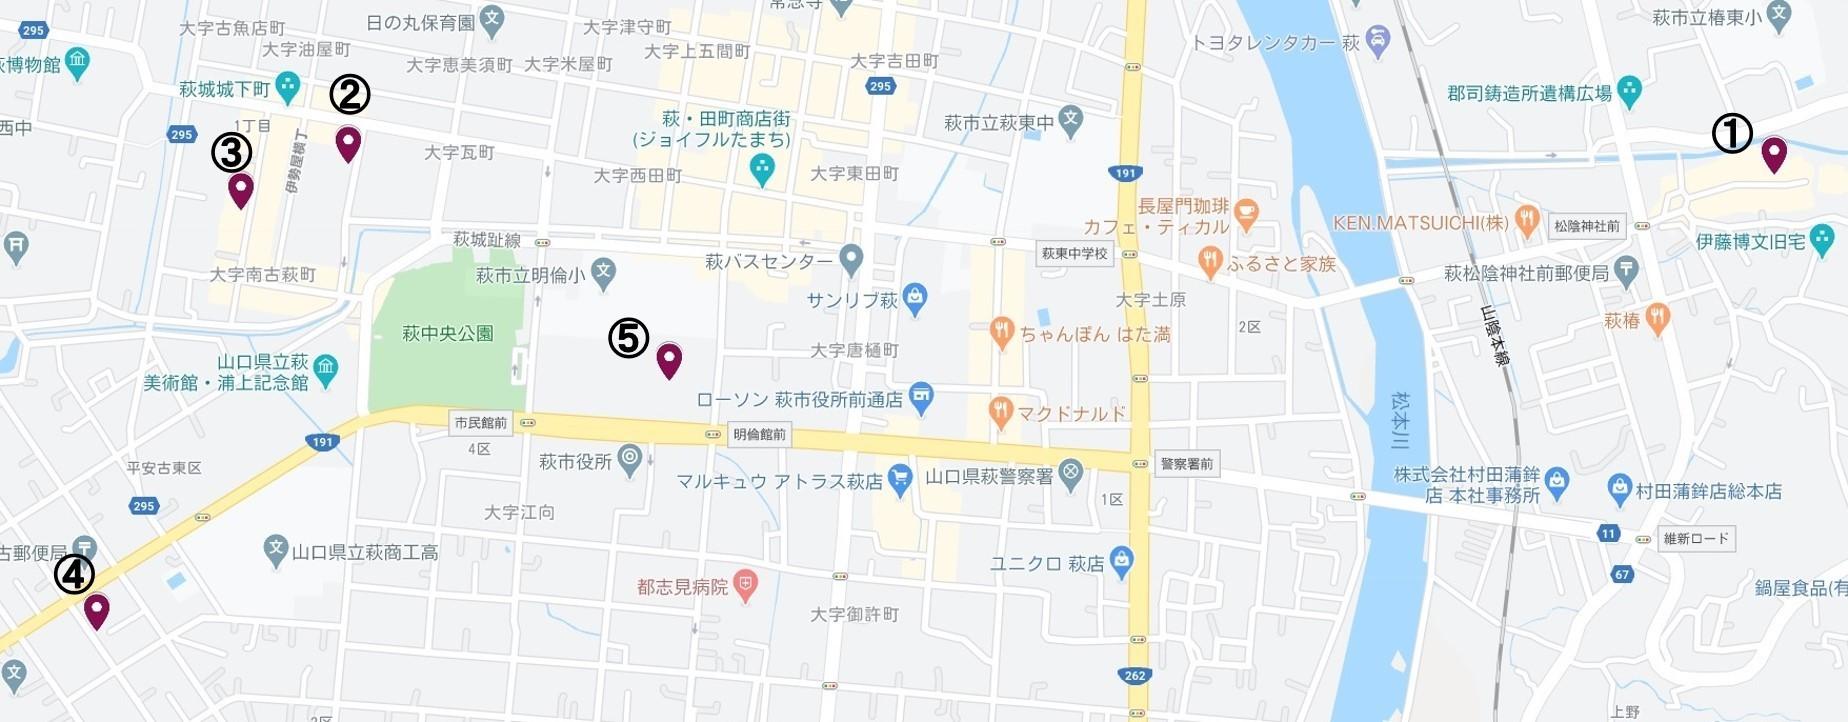 hanamoyu-map.jpg